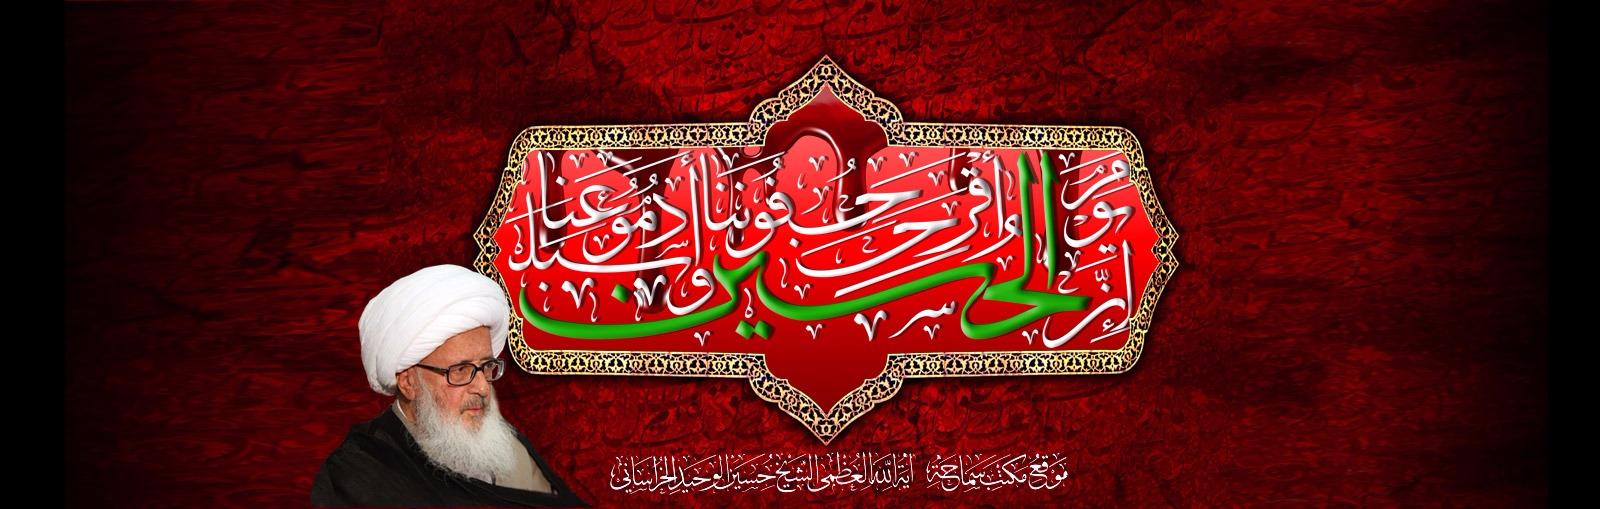 wahid khorasani ramezan banner sprited